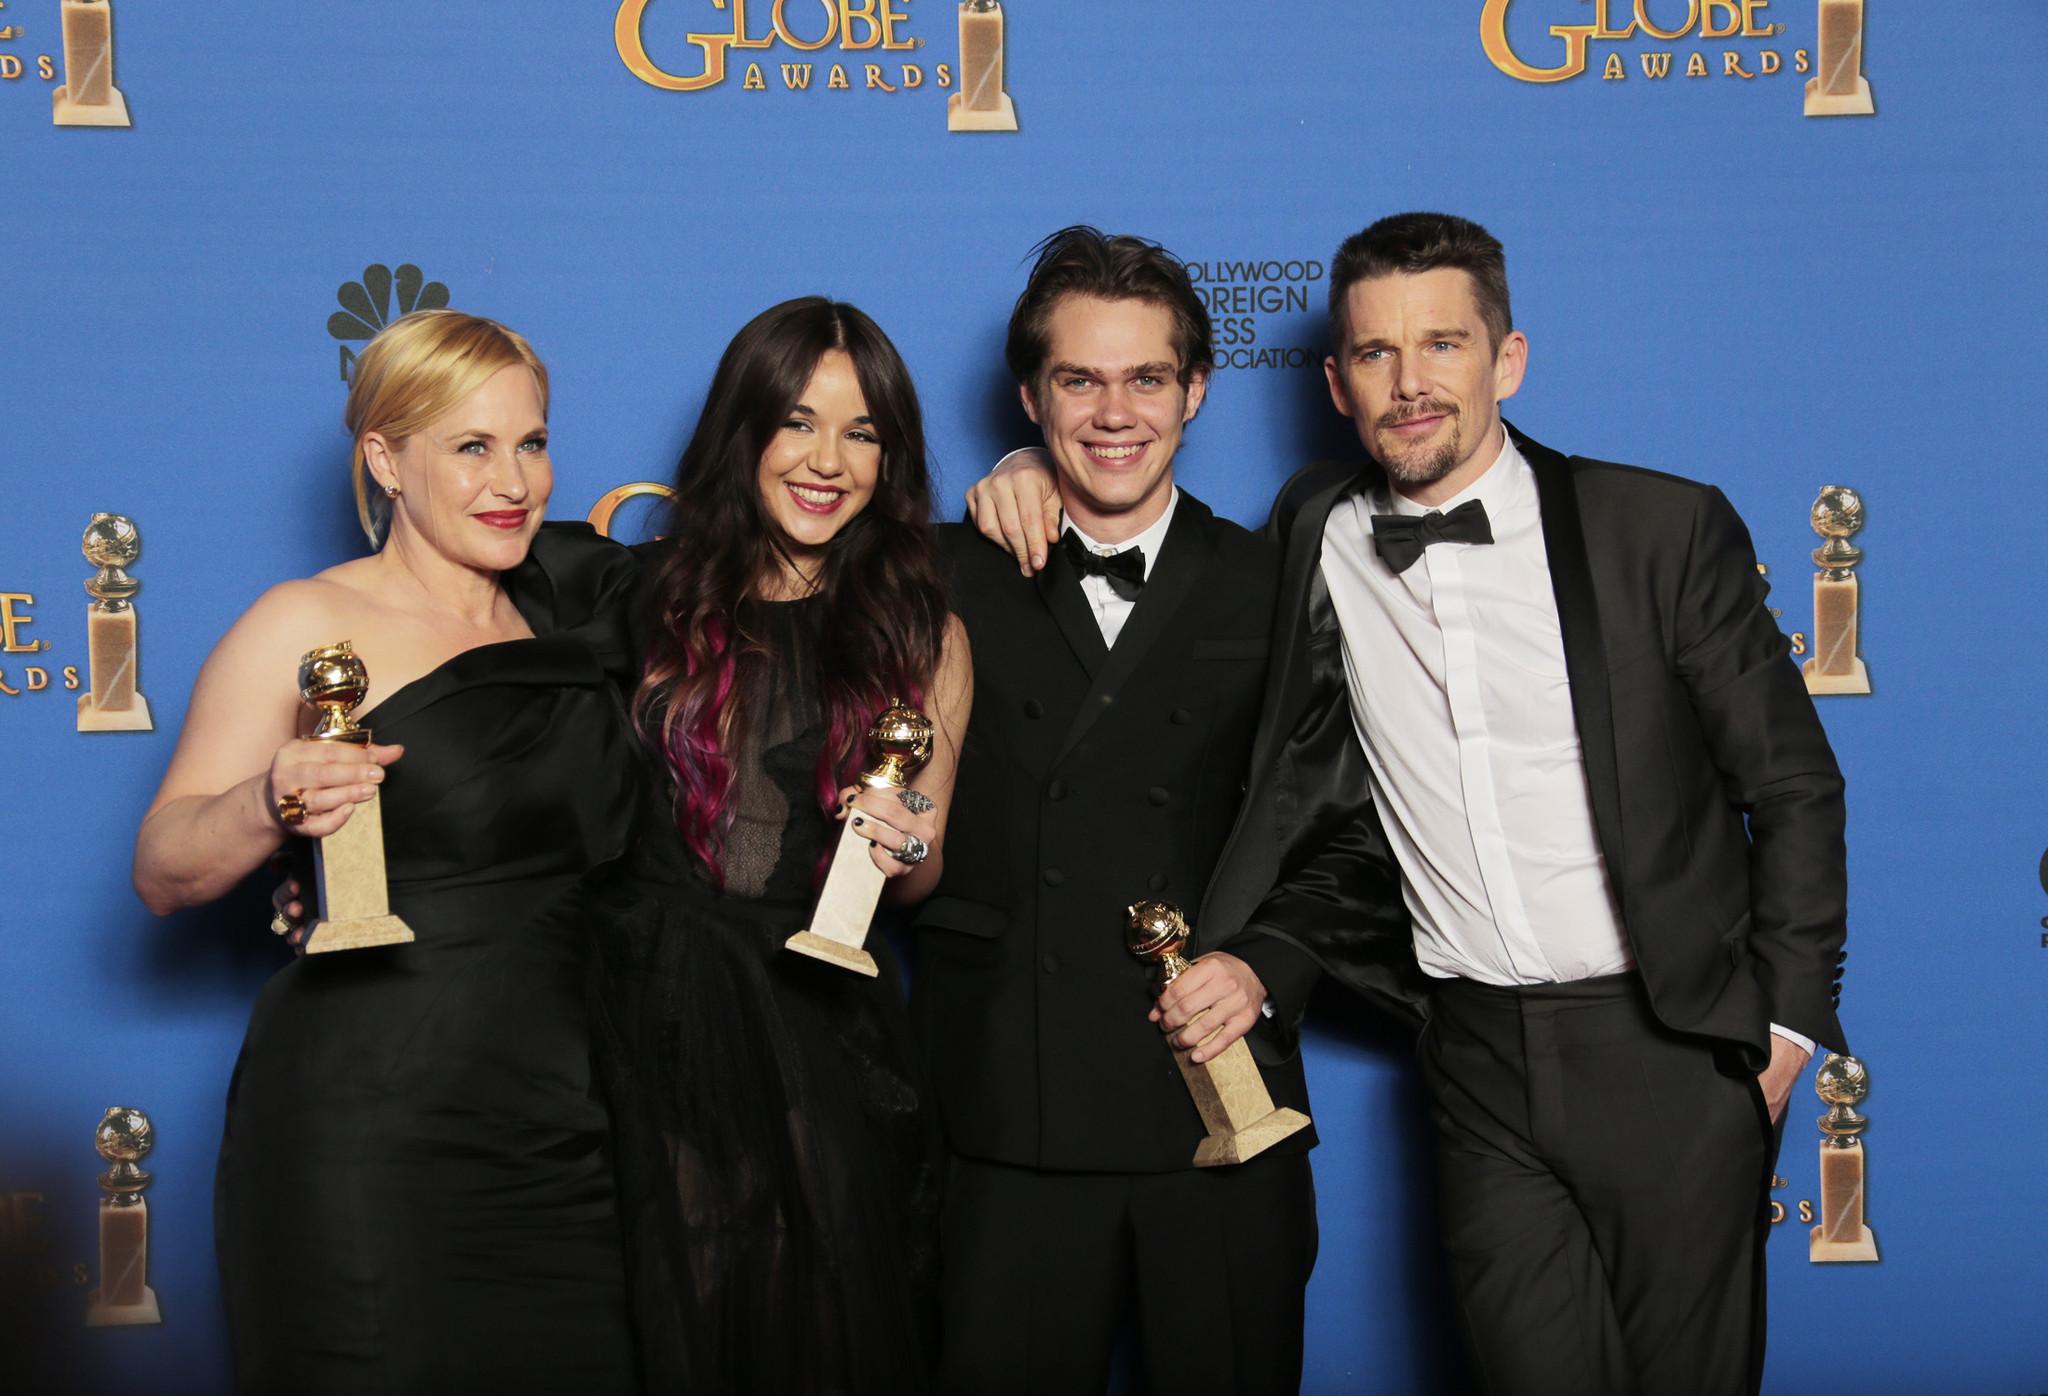 la-et-mn-golden-globes-2015-.